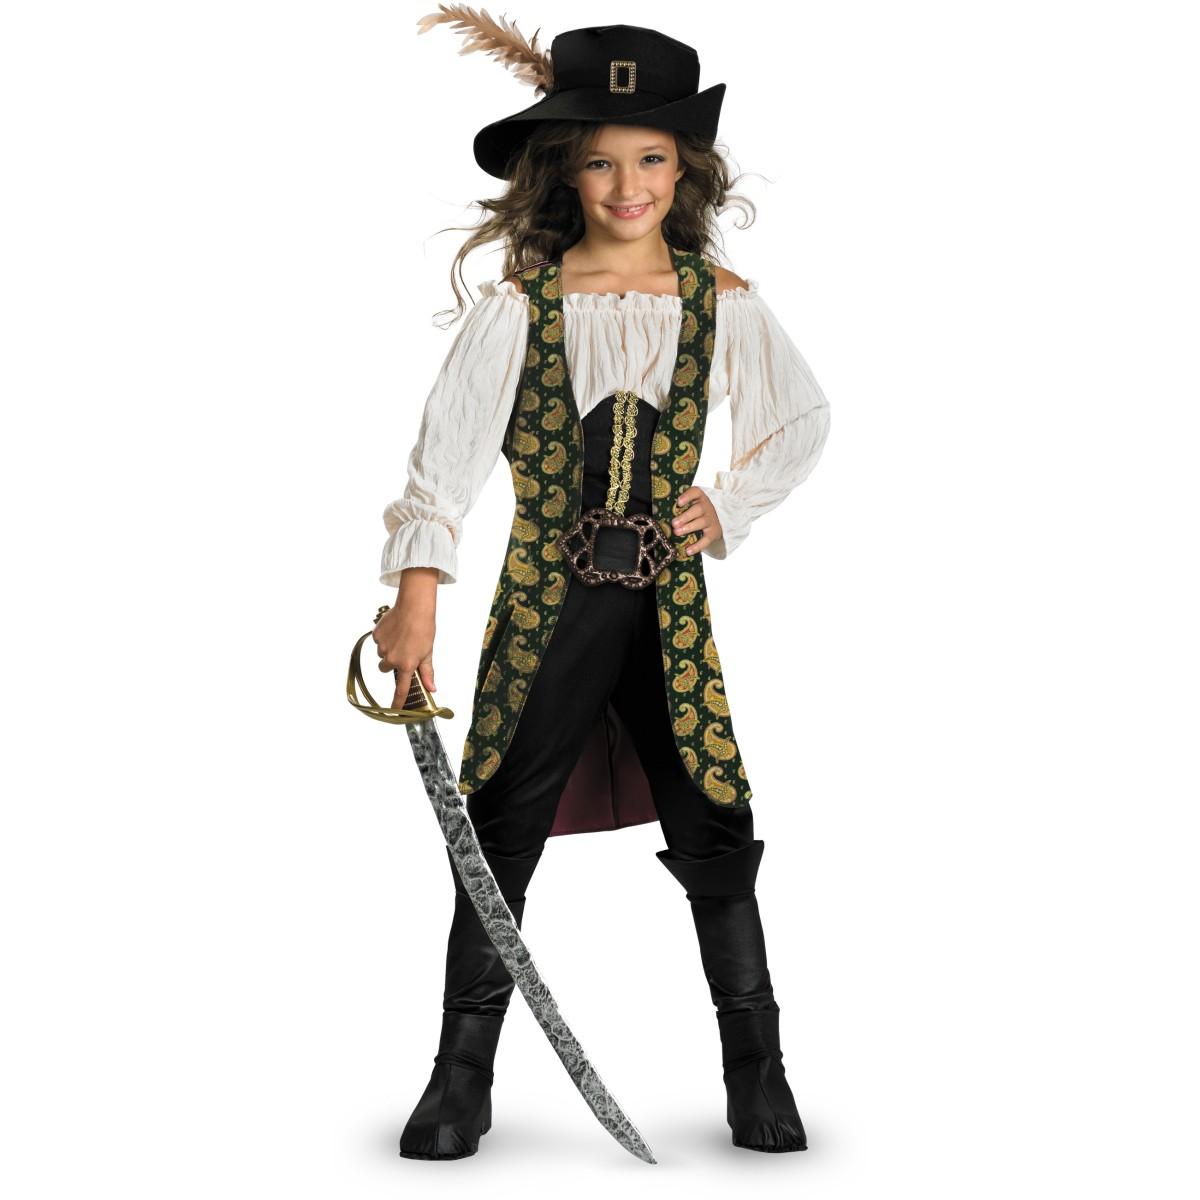 パイレーツ・オブ・カリビアン コスプレ 子供 アンジェリカ 女の子 海賊 衣装 コスチューム パイレーツオブカリビアン